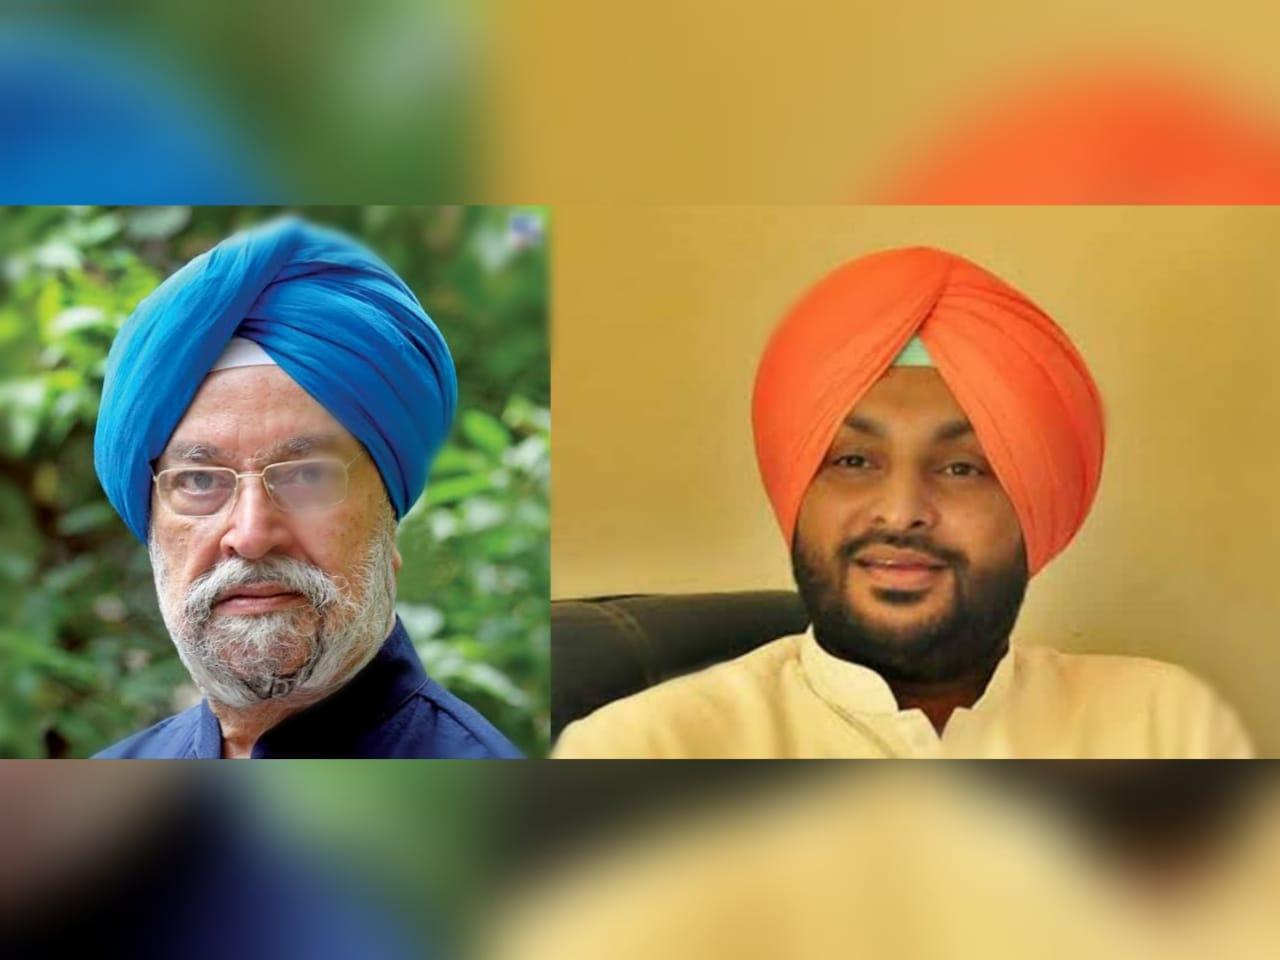 जालंधर में केंद्रीय मंत्री हरदीप पुरी और कांग्रेस सांसद बिट्टू पर कार्रवाई की मांग; पंथक-गैर पंथक मुद्दा उठा, दलितों के अपमान का आरोप|जालंधर,Jalandhar - Dainik Bhaskar